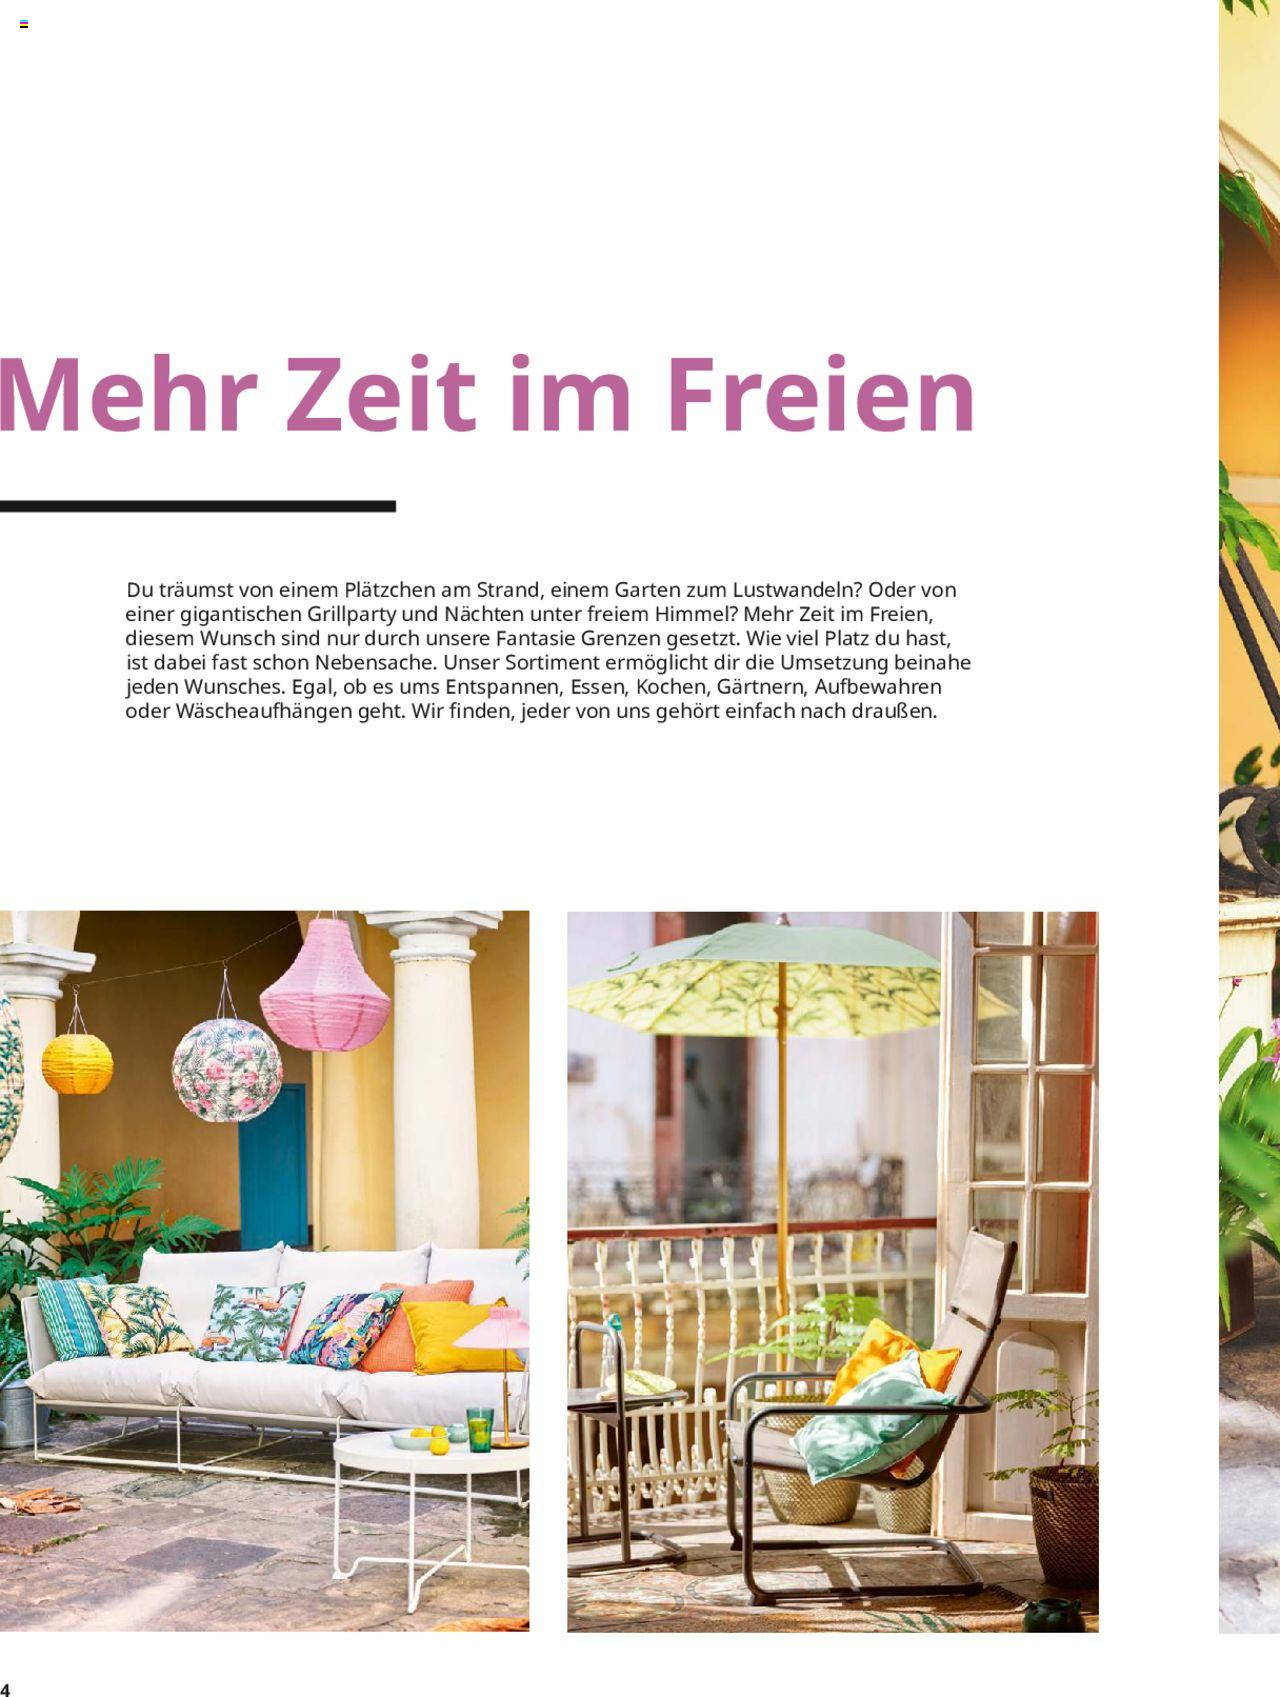 Full Size of Grill Beistelltisch Ikea Weber Tisch Gartenmbel Von Sonntag 26042020 Garten Betten Bei Küche Kosten Kaufen Miniküche Sofa Mit Schlaffunktion 160x200 Wohnzimmer Grill Beistelltisch Ikea